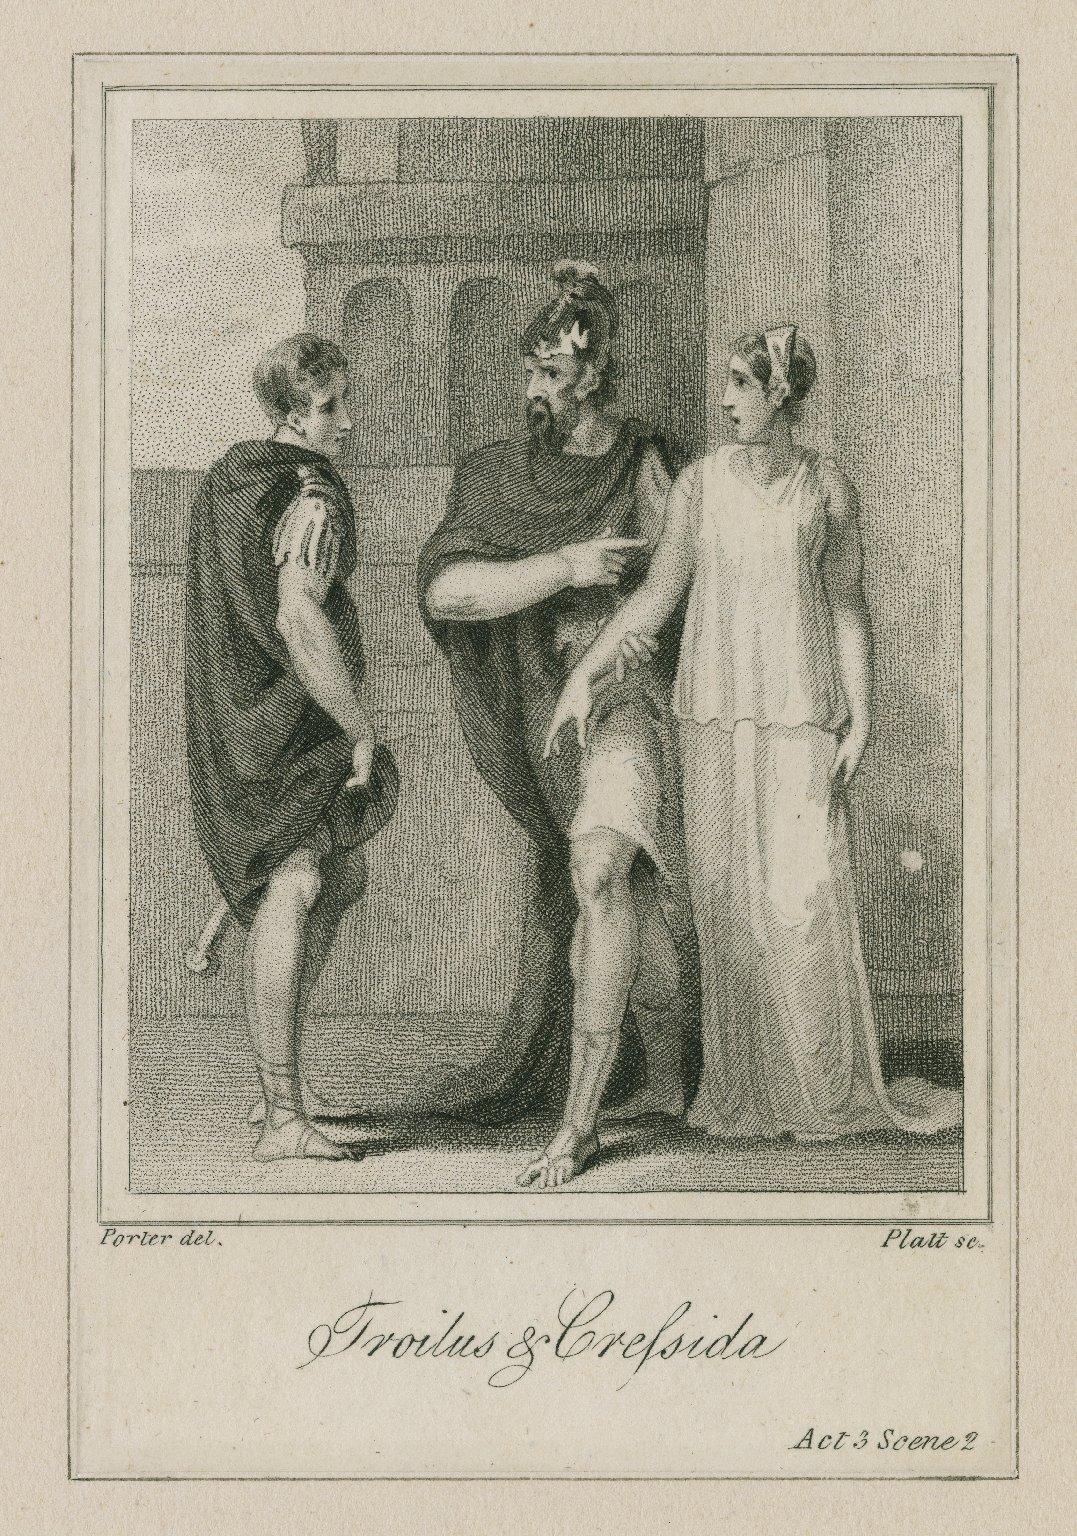 Troilus & Cressida, act 3, sc. 2 ... [graphic] / Porter, del. ; Platt, sc.